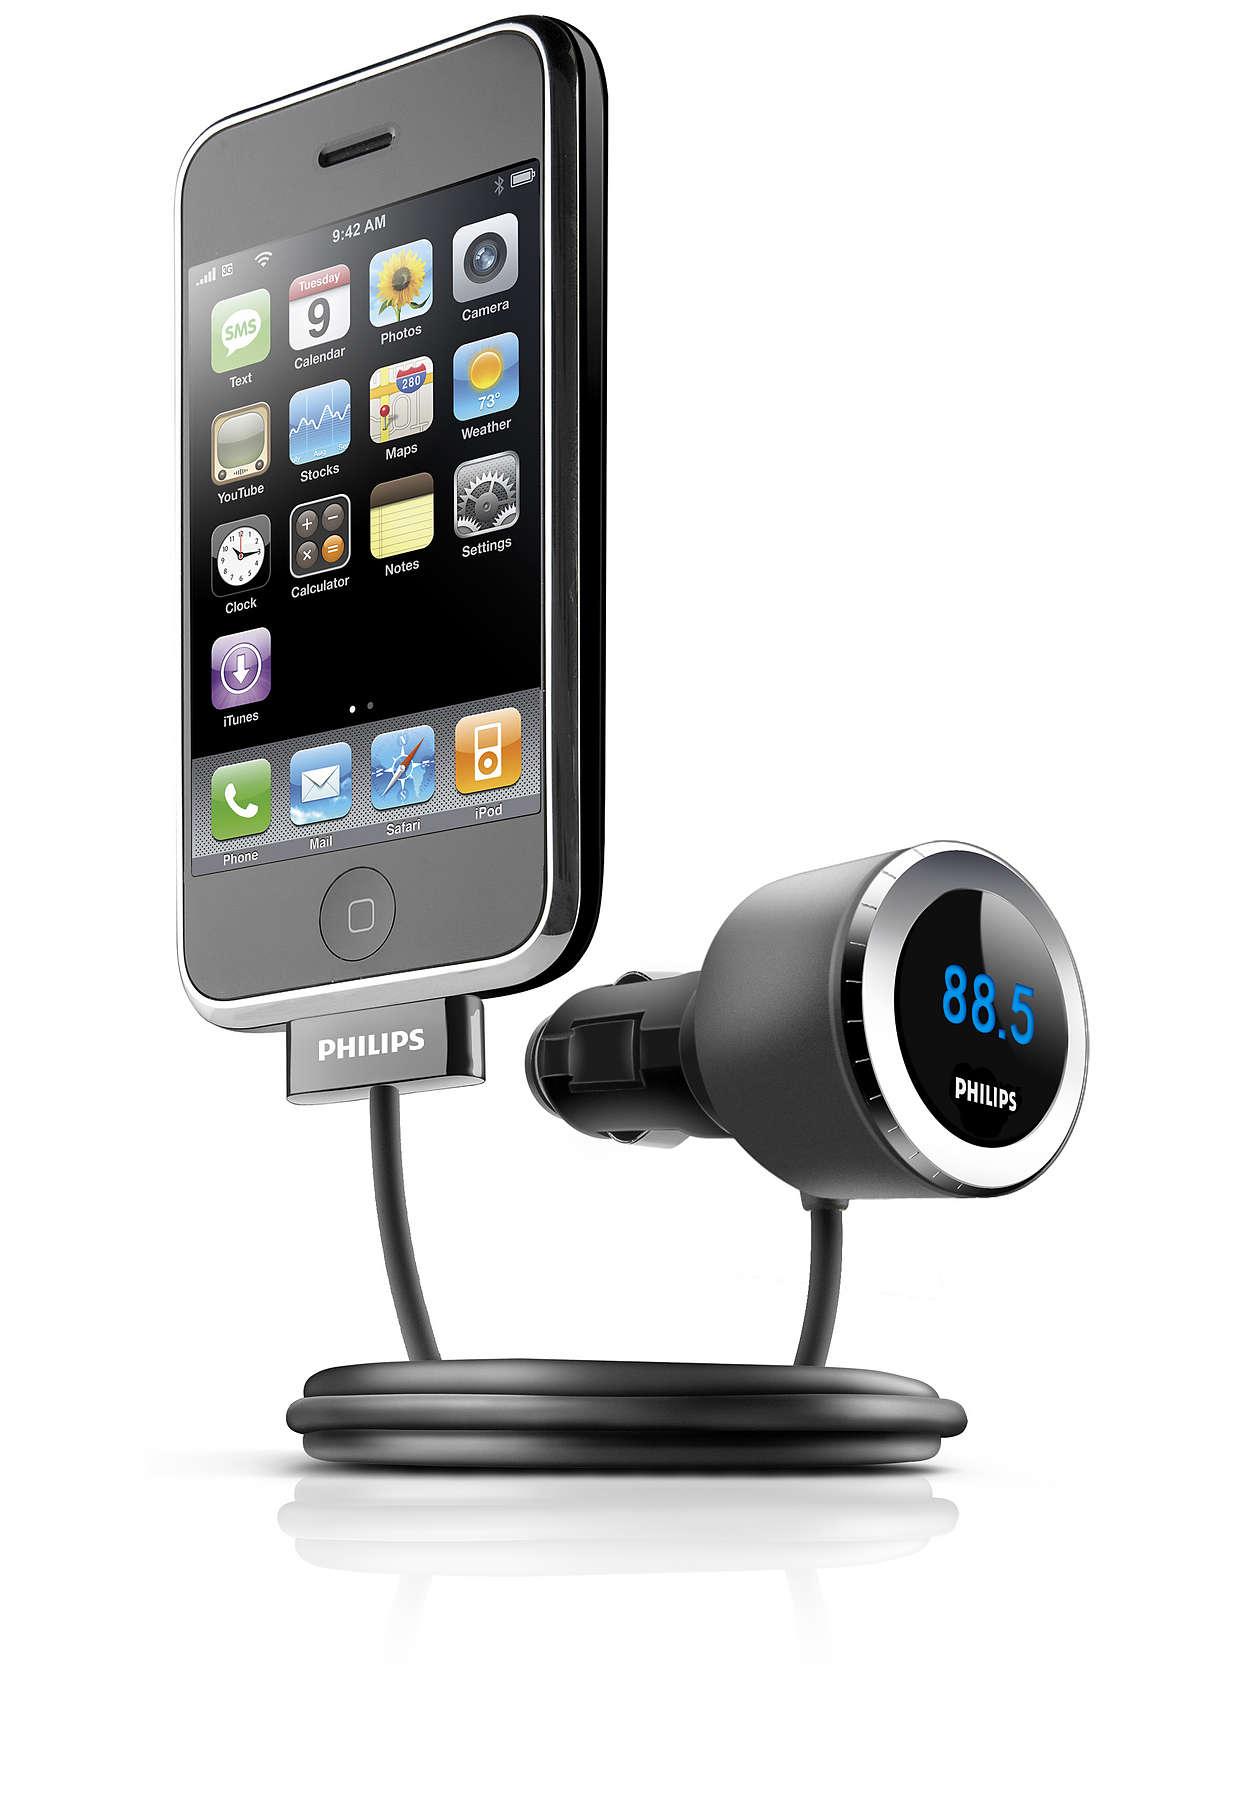 Възпроизвеждане и зареждане на iPhone в колата